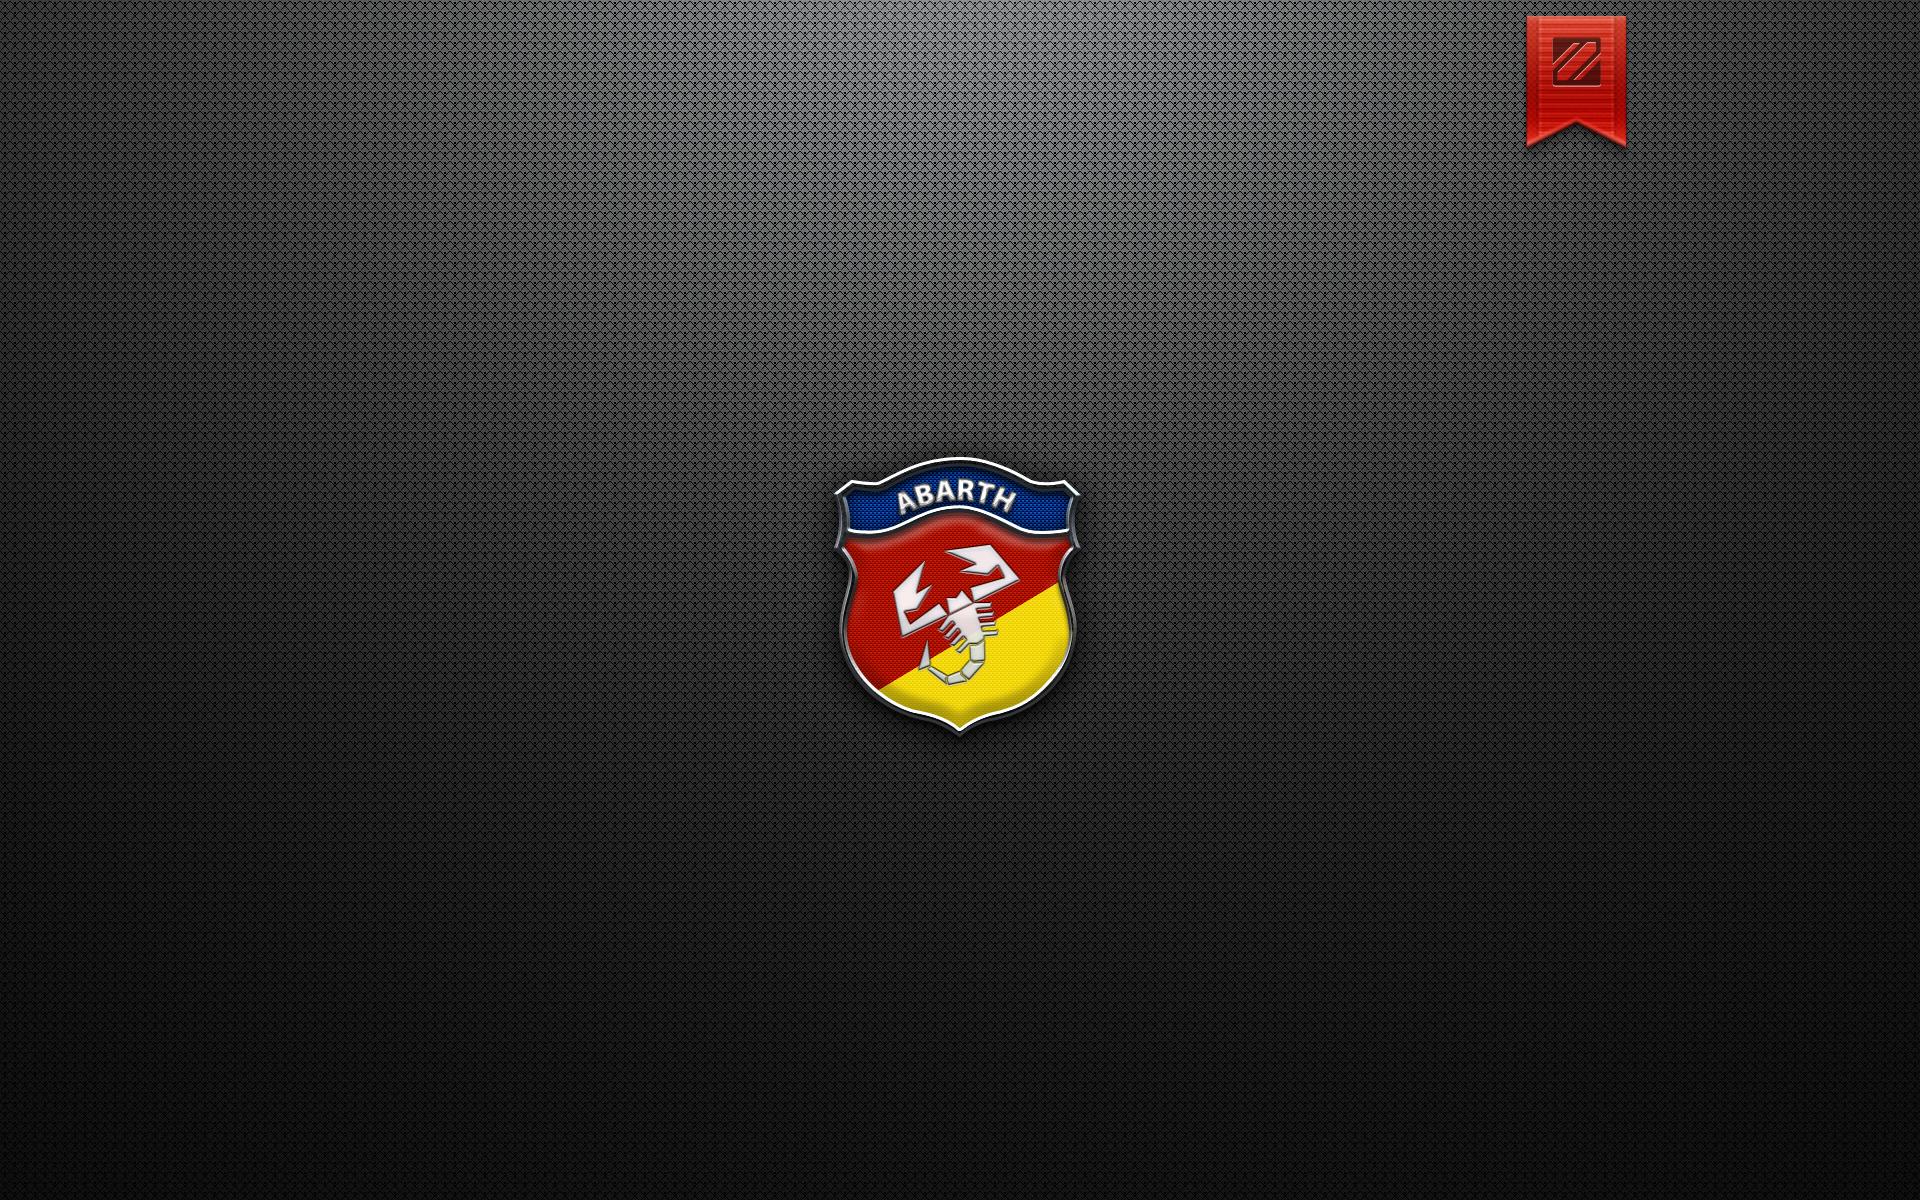 Permalink to Mac Wallpaper Ferrari Abarth 500